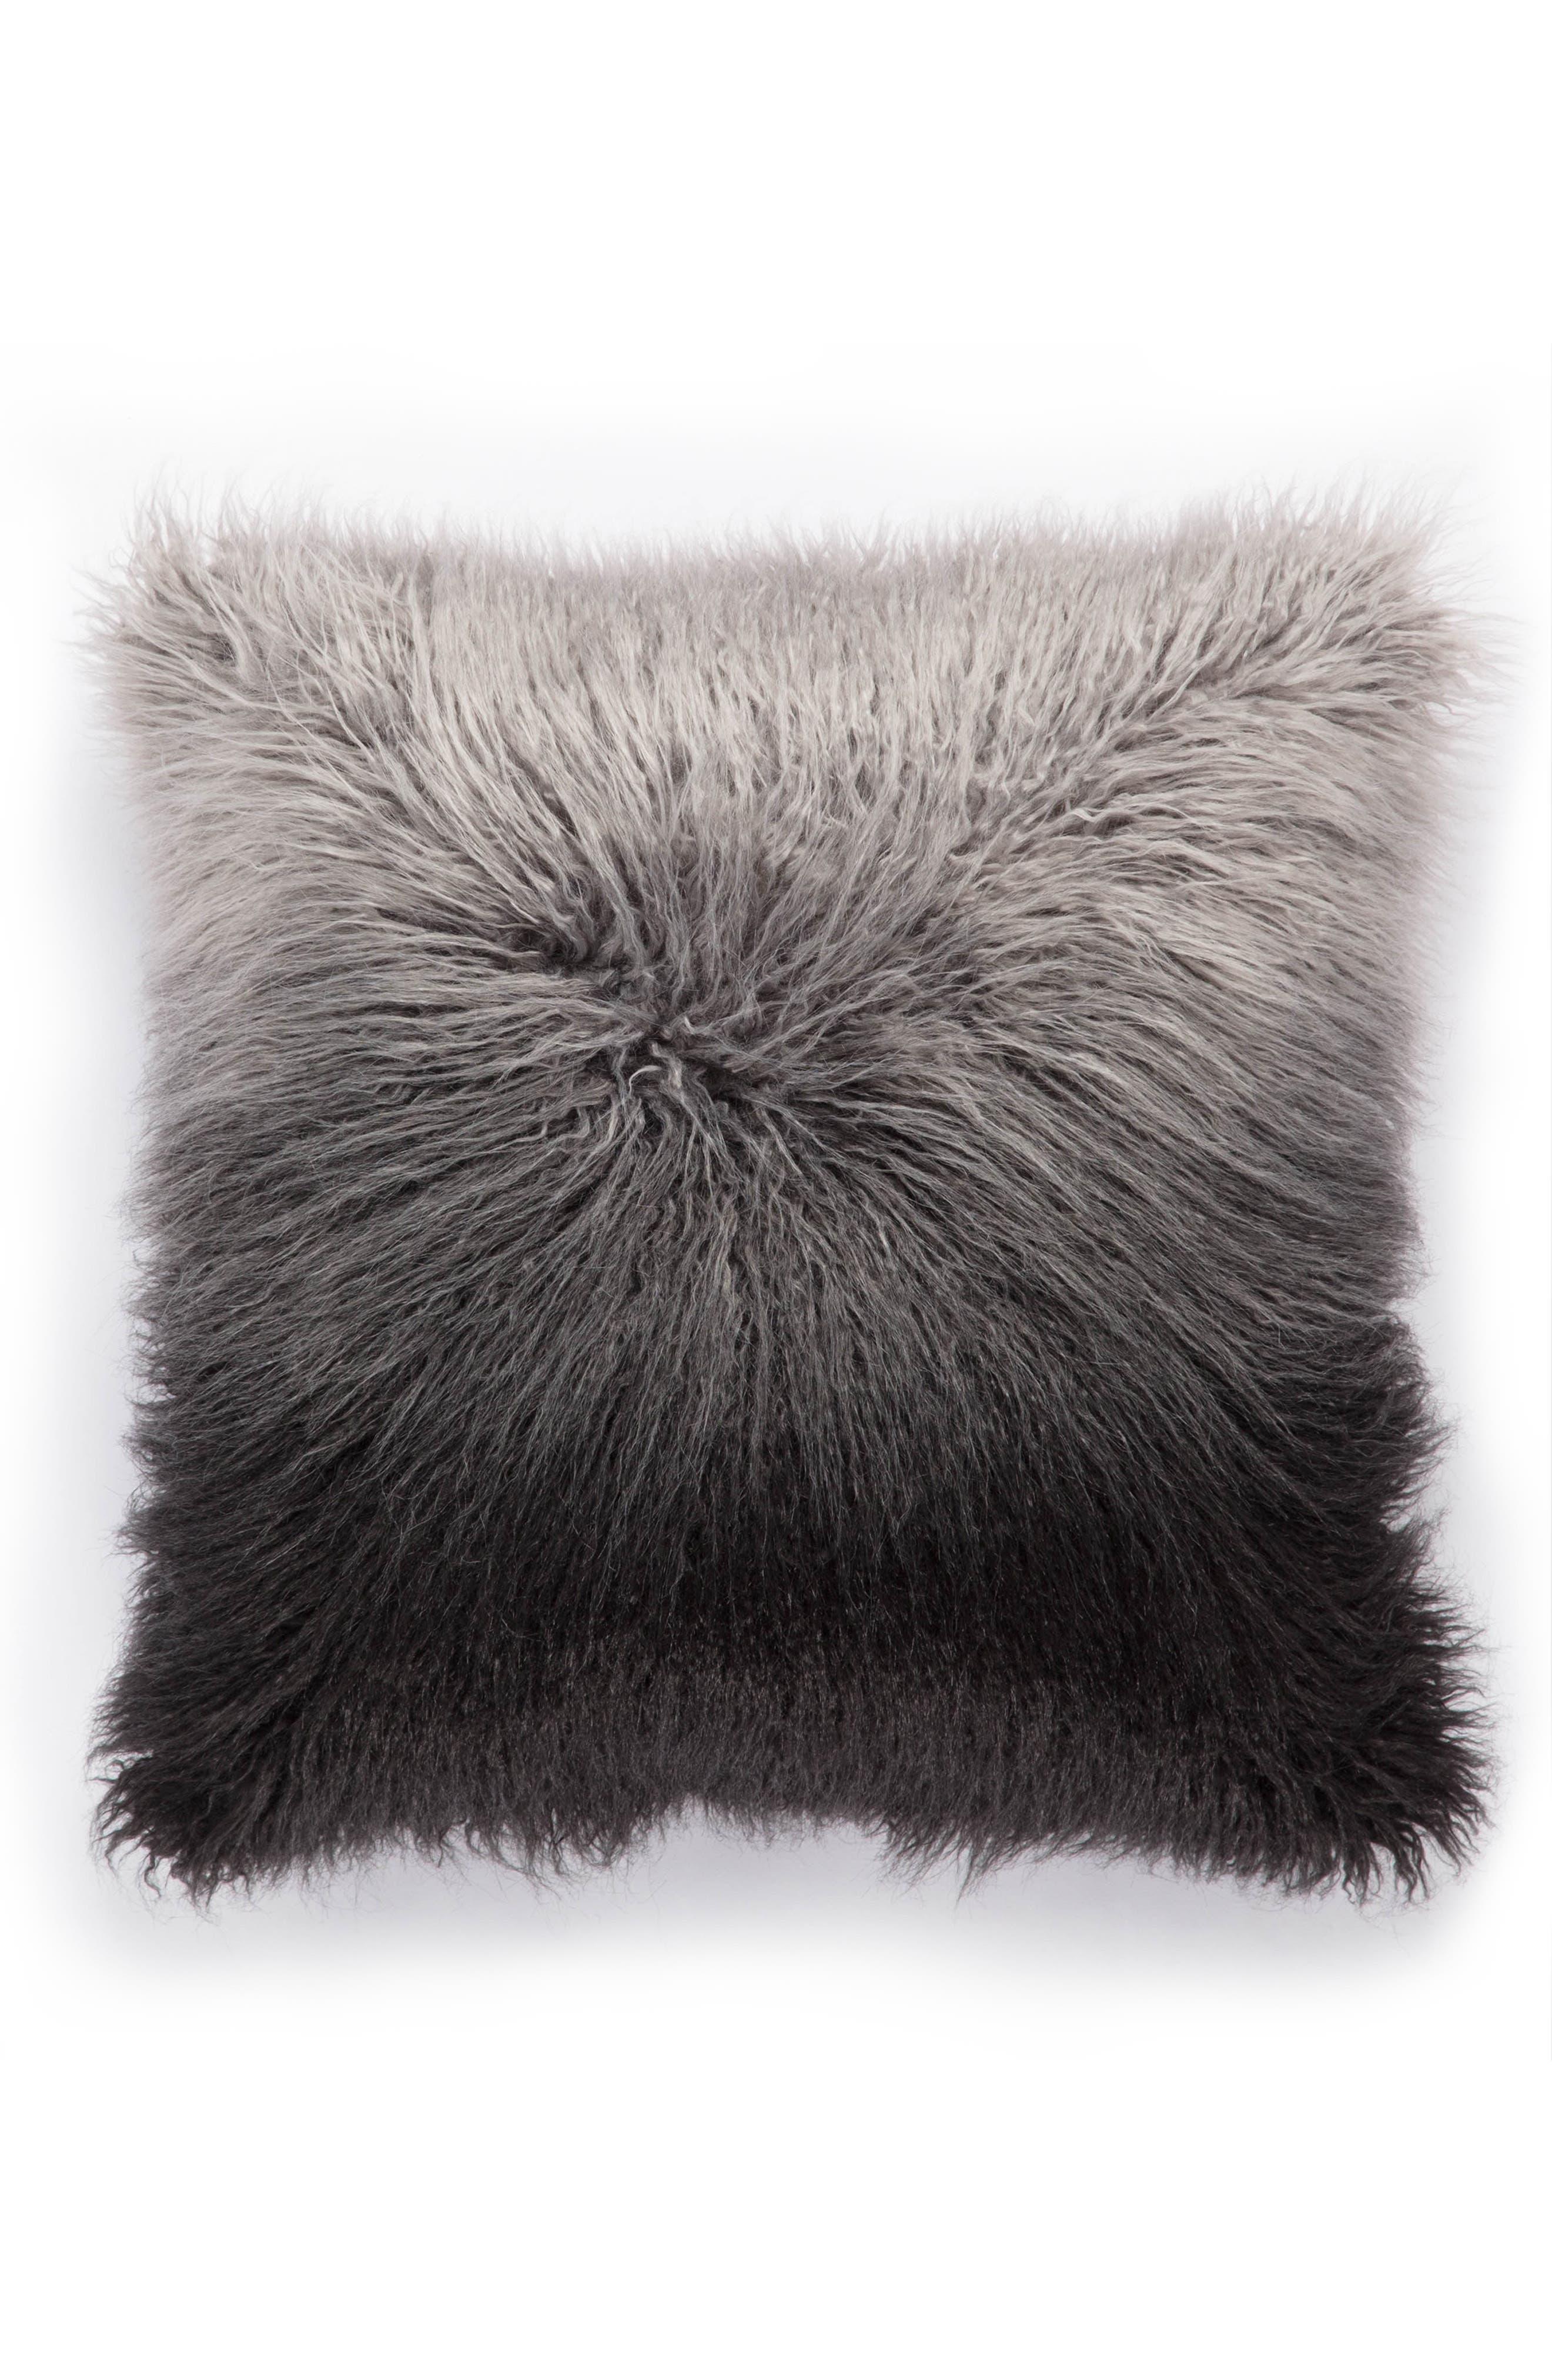 Mahal Faux Fur Accent Pillow,                         Main,                         color, 020